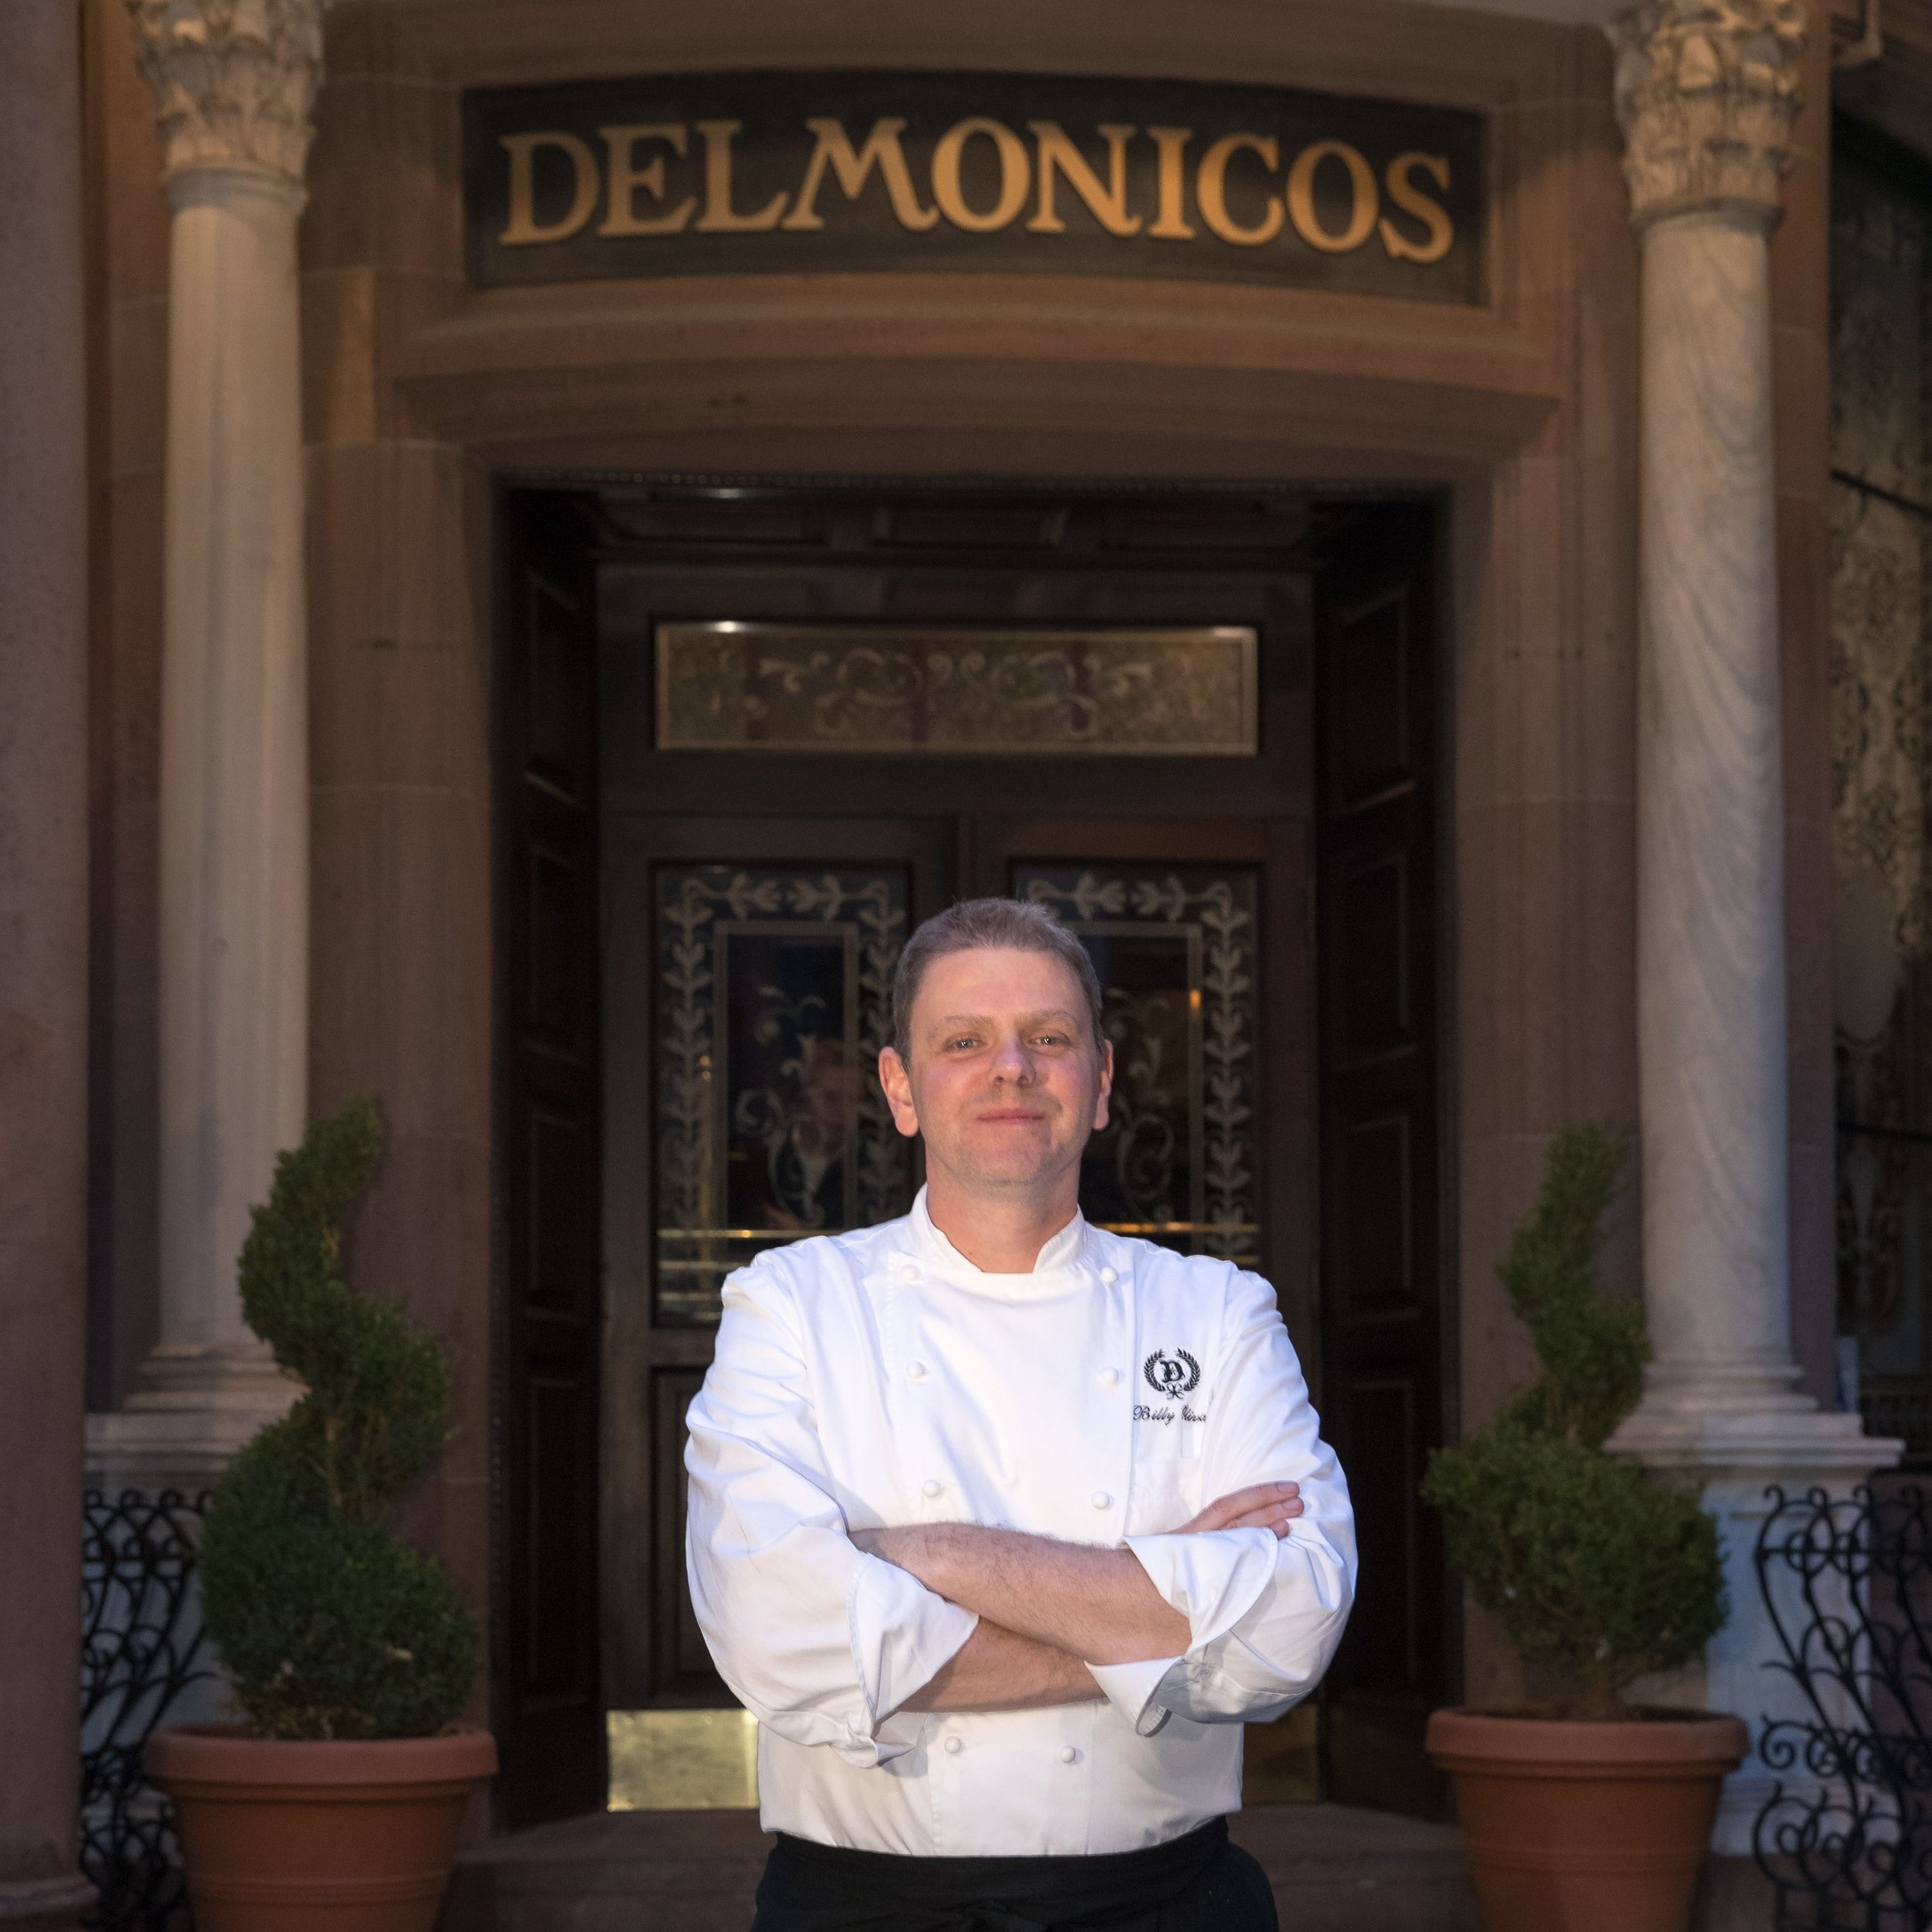 HeadShot_Delmonco%27s+Exec.+Chef+Billy+Oliva_Credit_Delmonico%27sRestaurant+%281%29.jpg